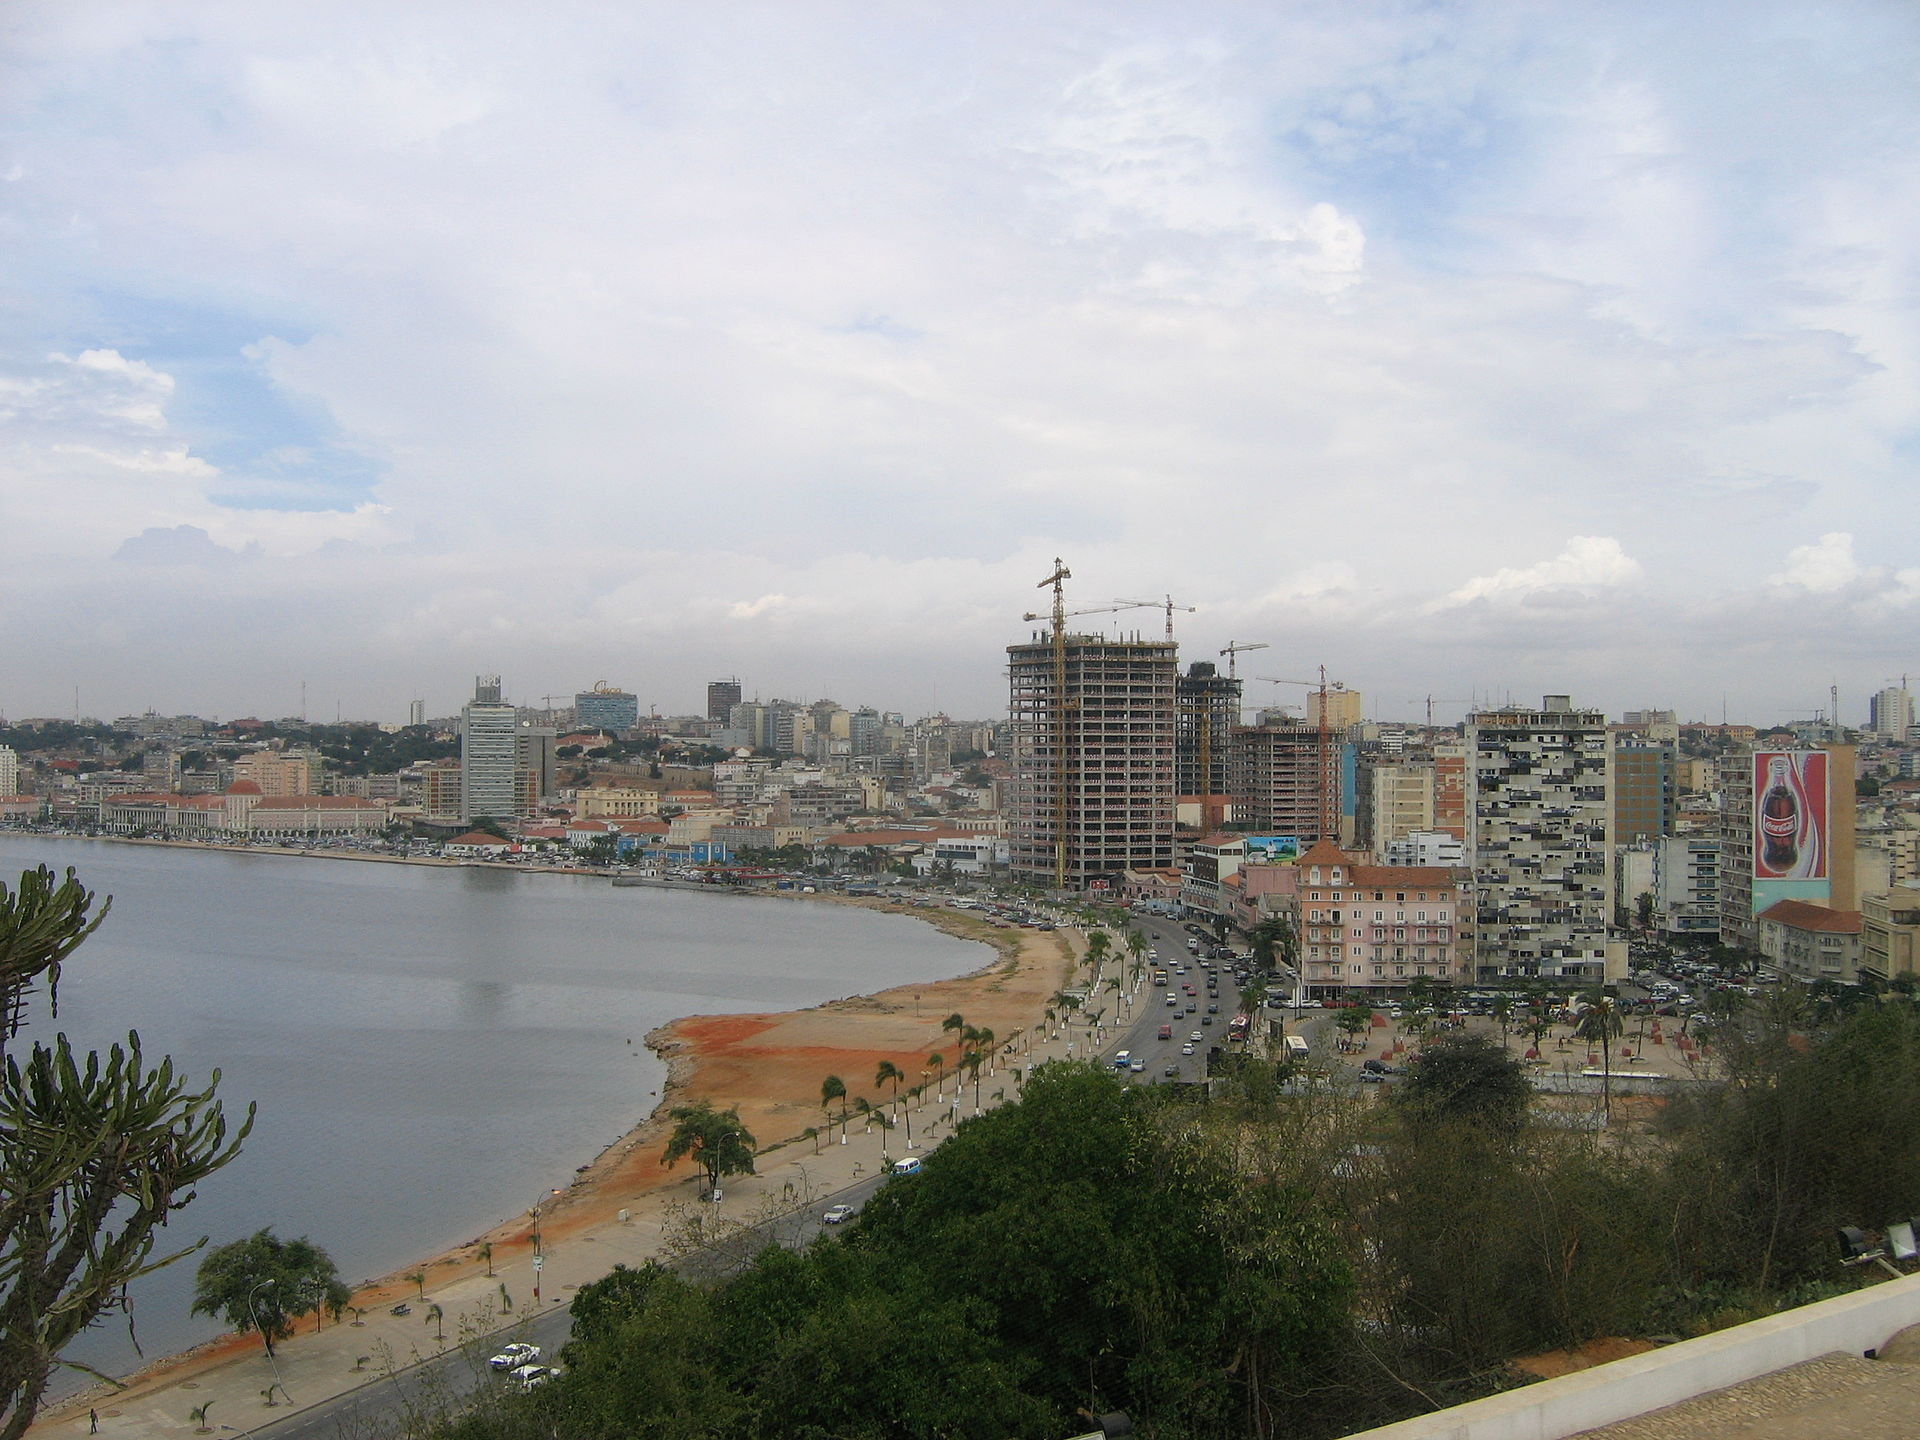 Luanda_from_Fortaleza_Feb_2006